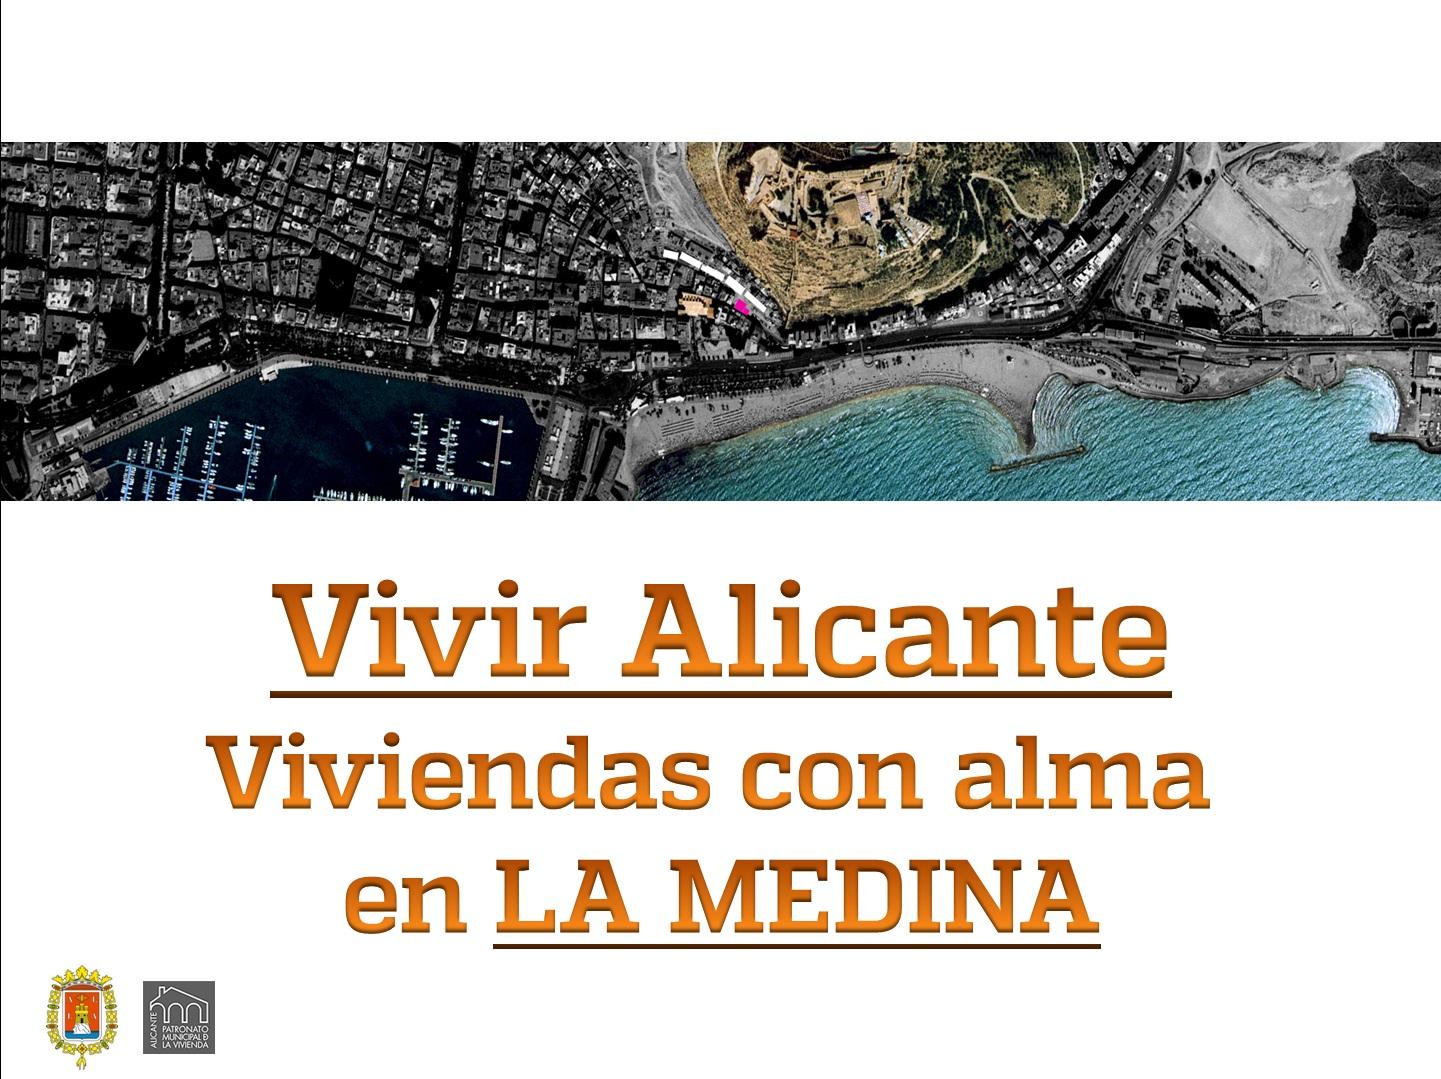 Vivir Alicante en La Medina